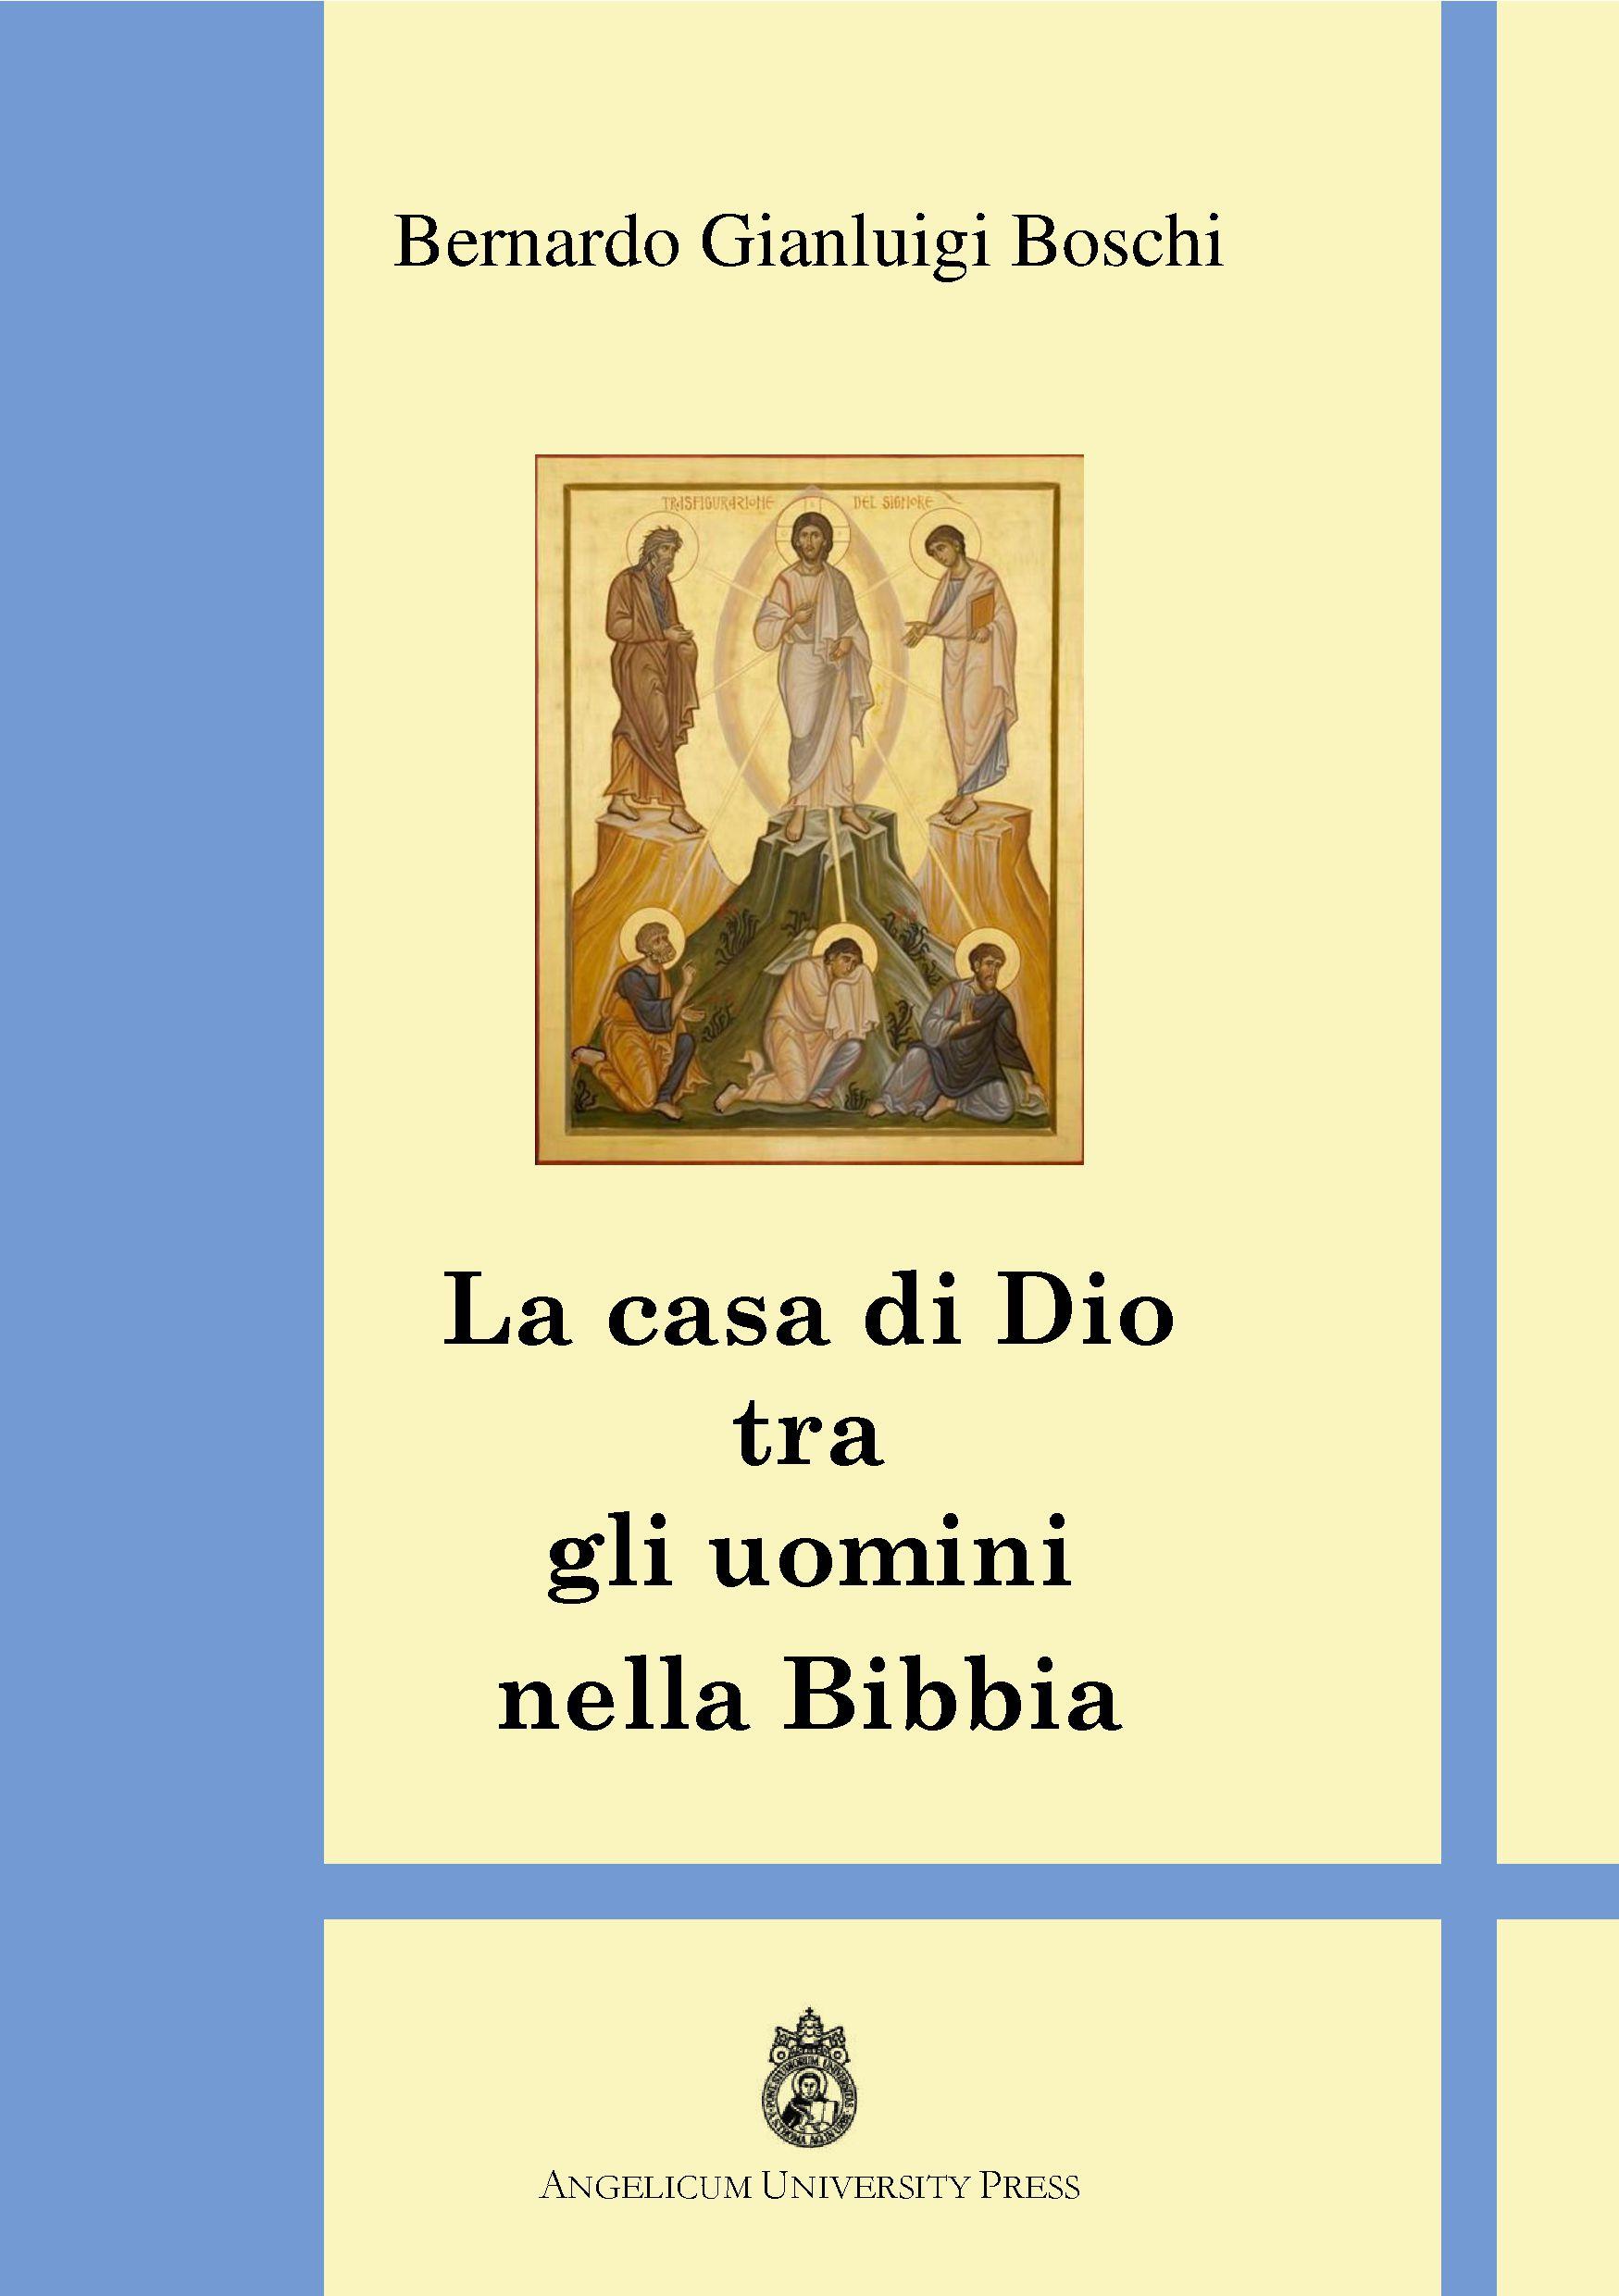 La casa di Dio tra gli uomini nella Bibbia book cover